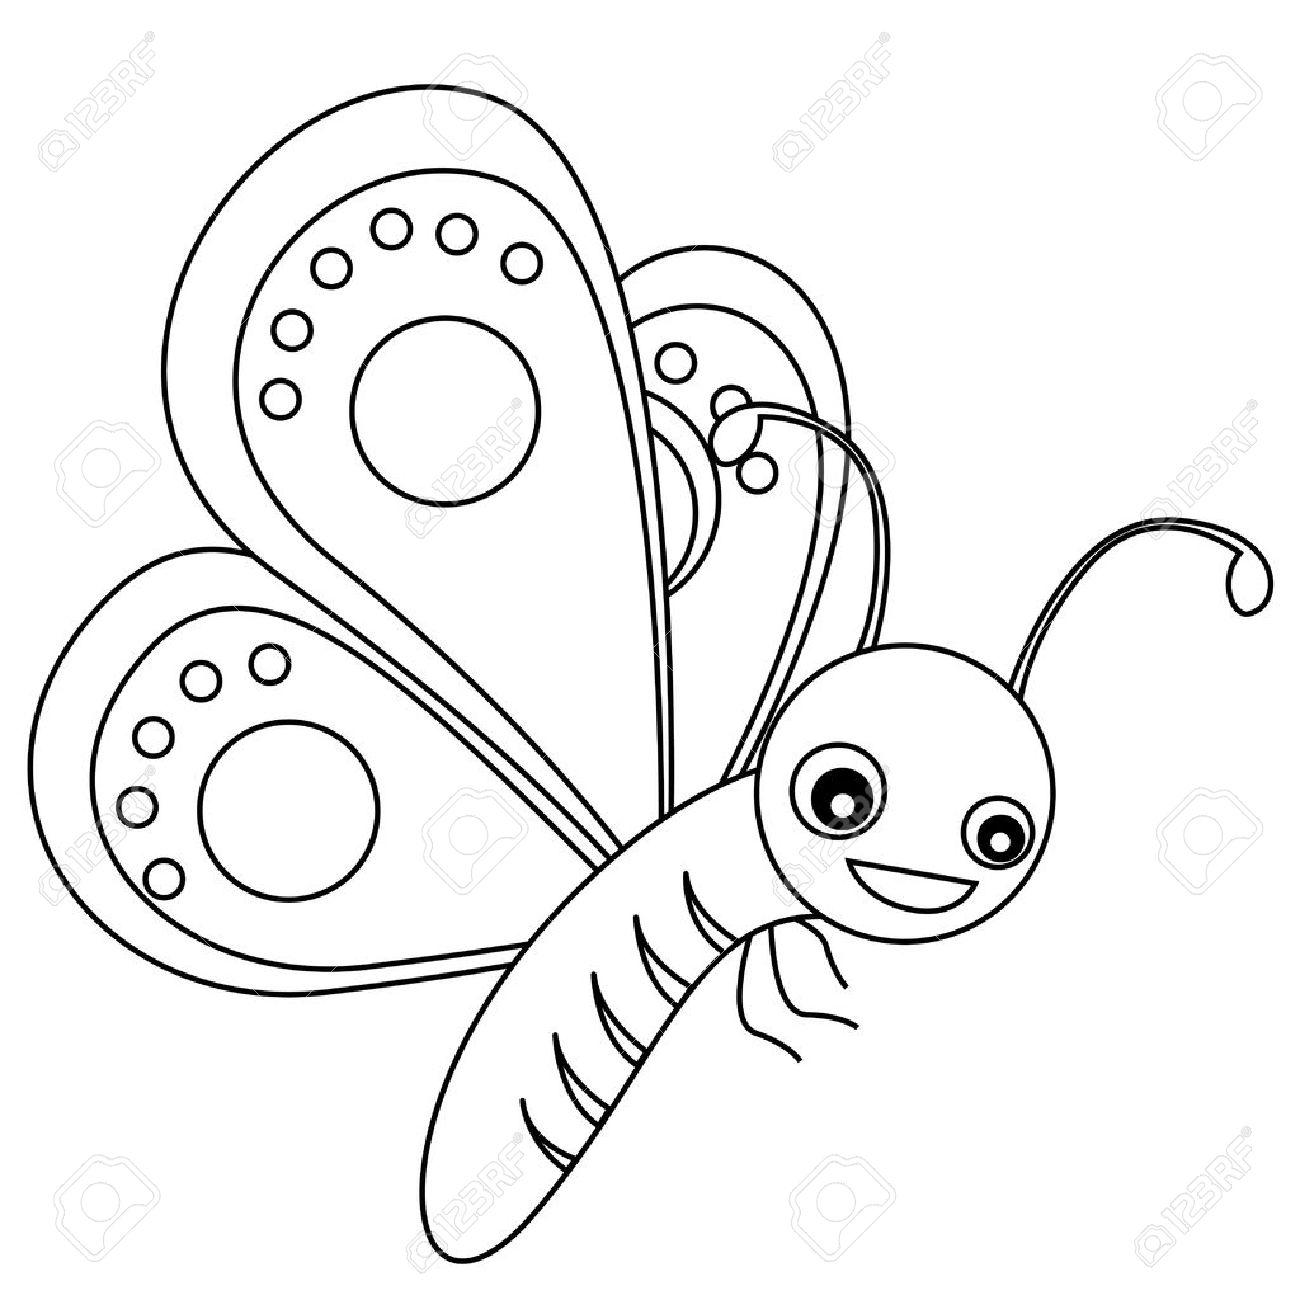 Nette Umrissen Schmetterling Druckbare Grafik Für Pre Schulkinder ...